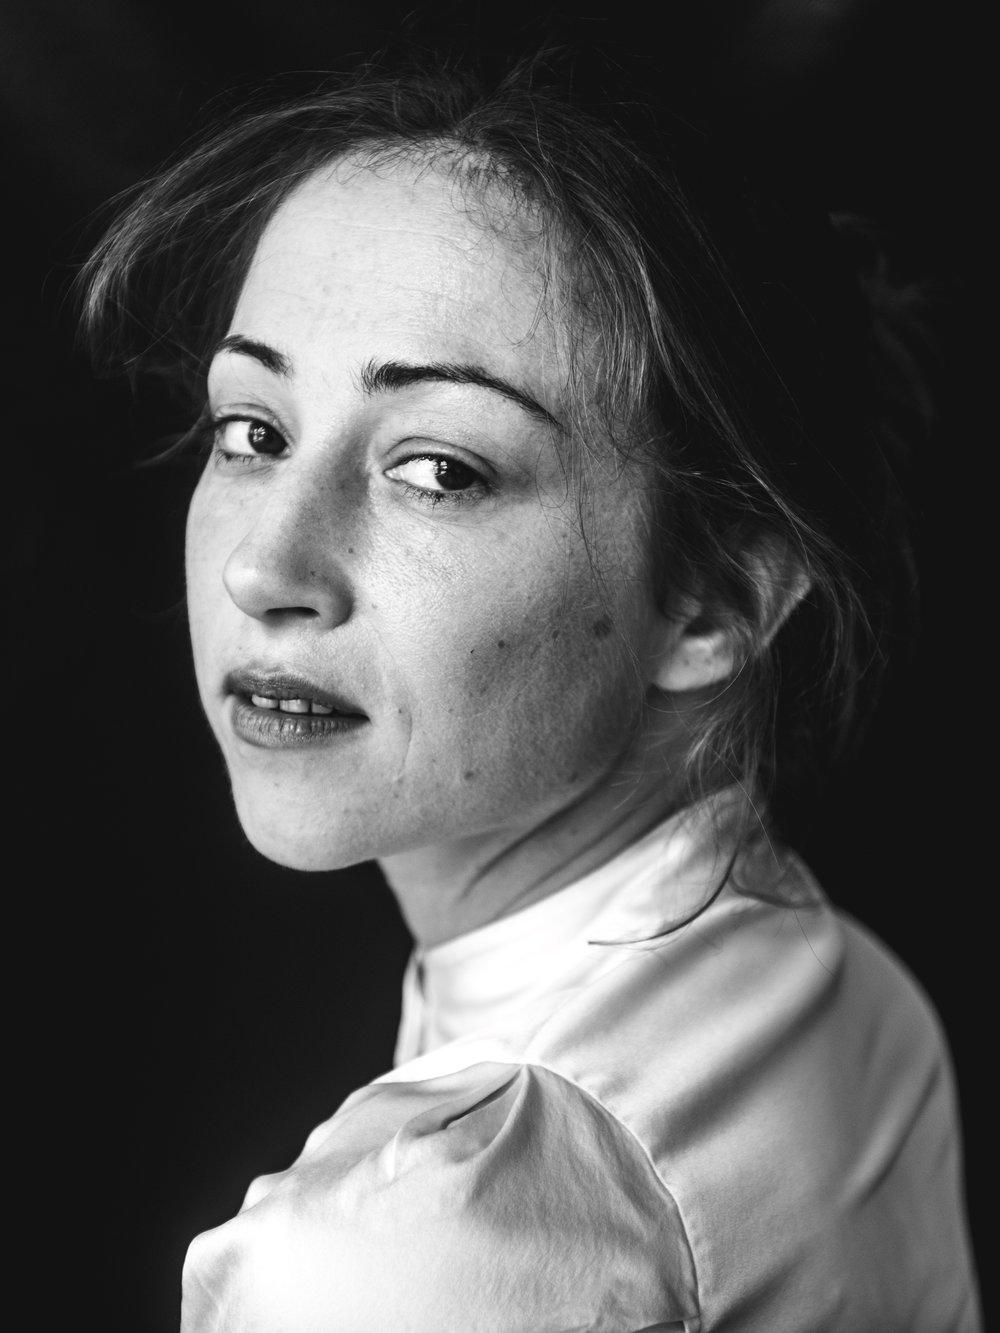 AENNE SCHWARZ